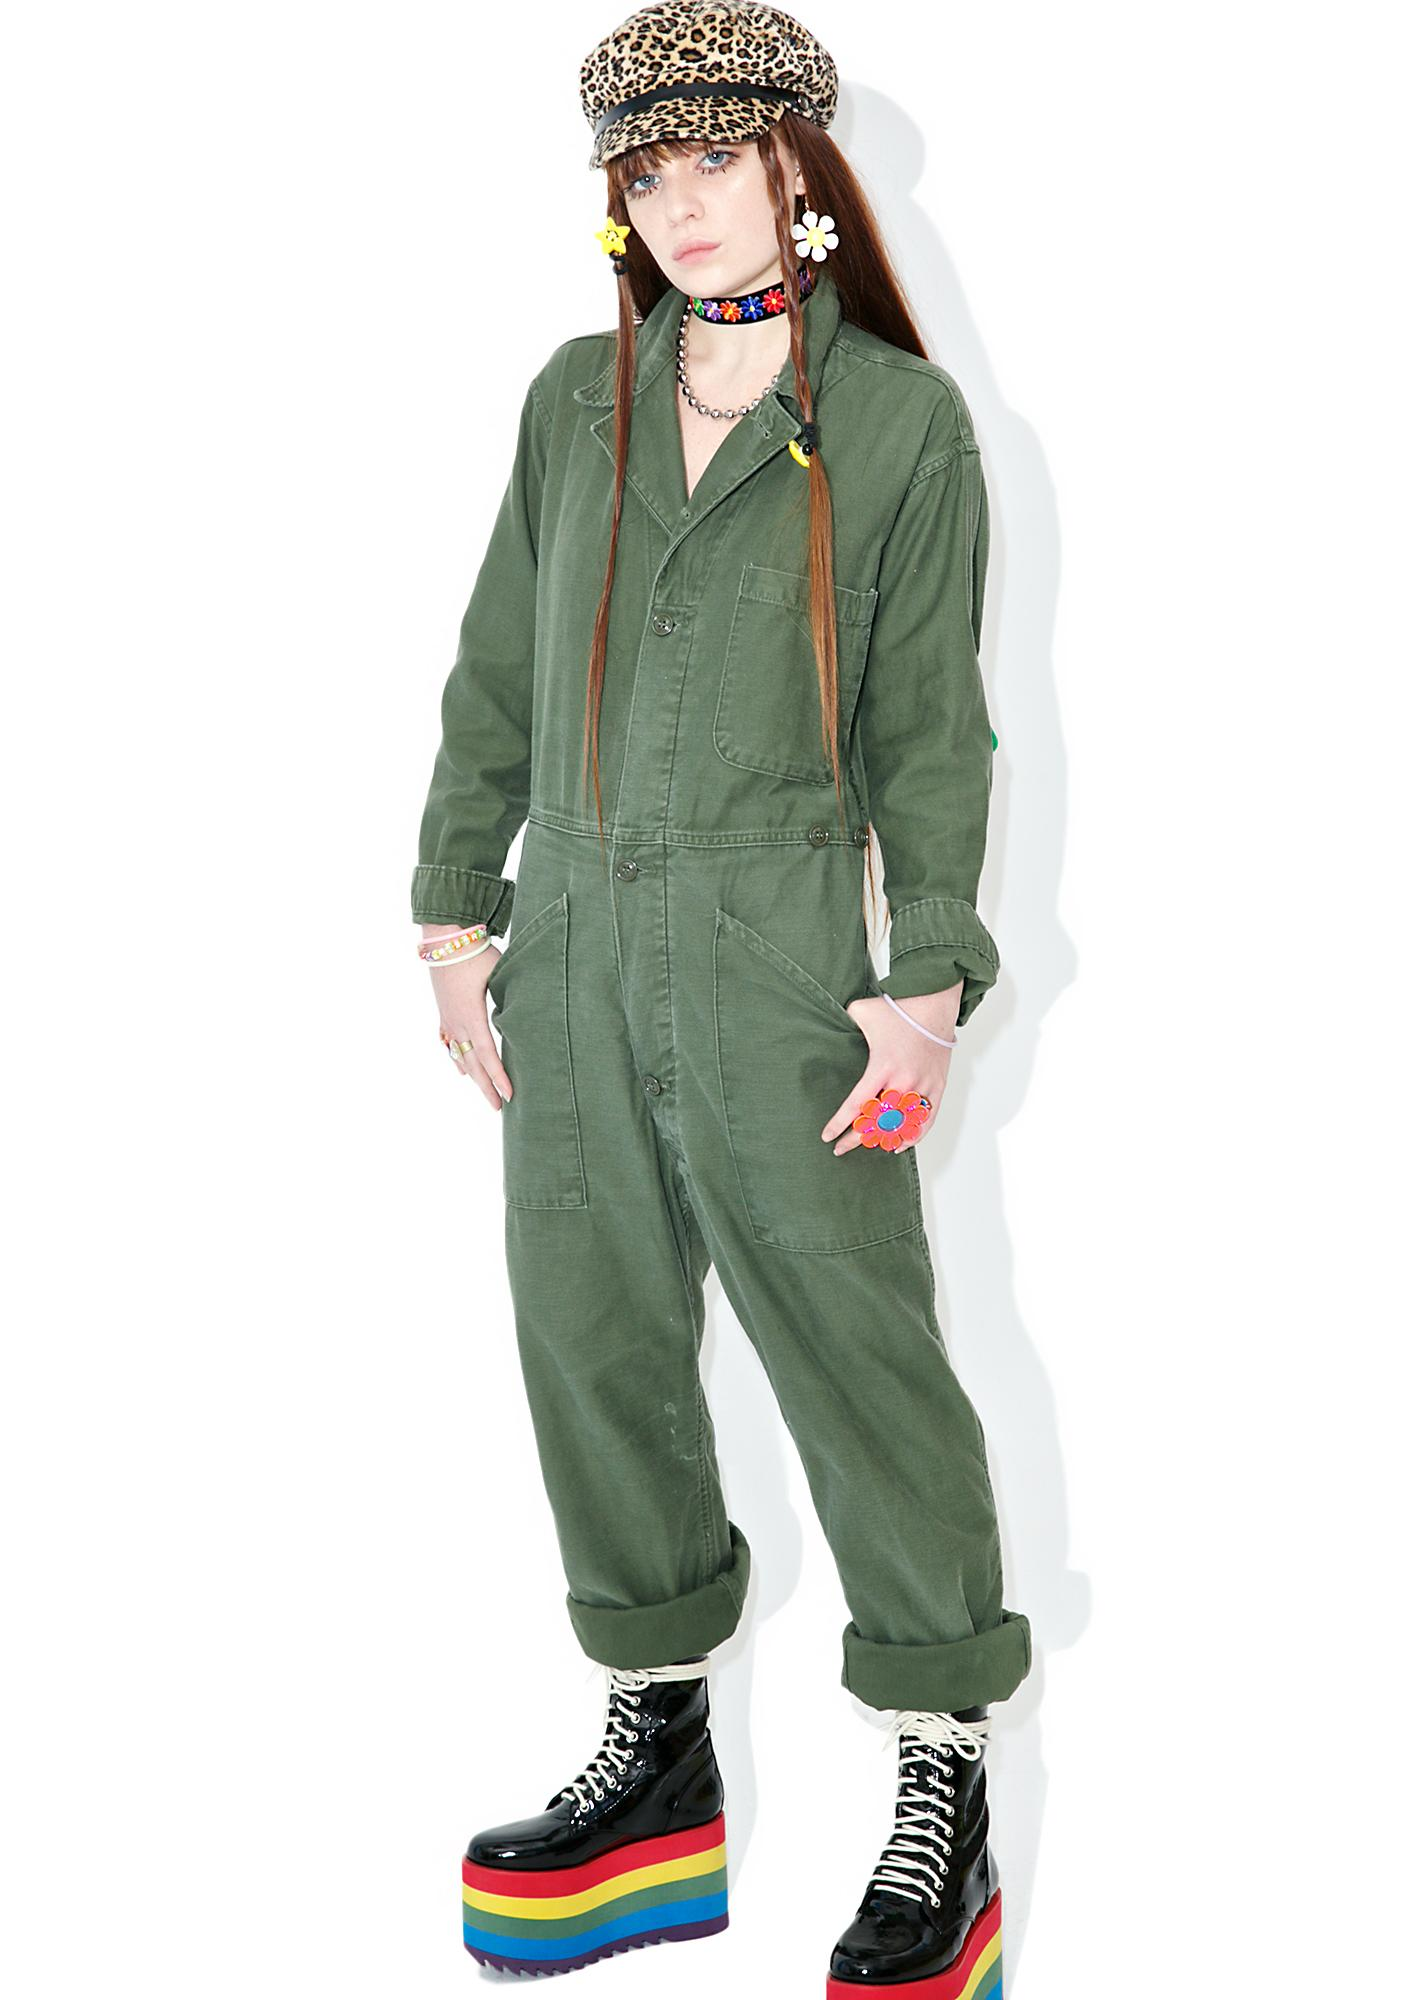 Vintage Army Surplus Flightsuit